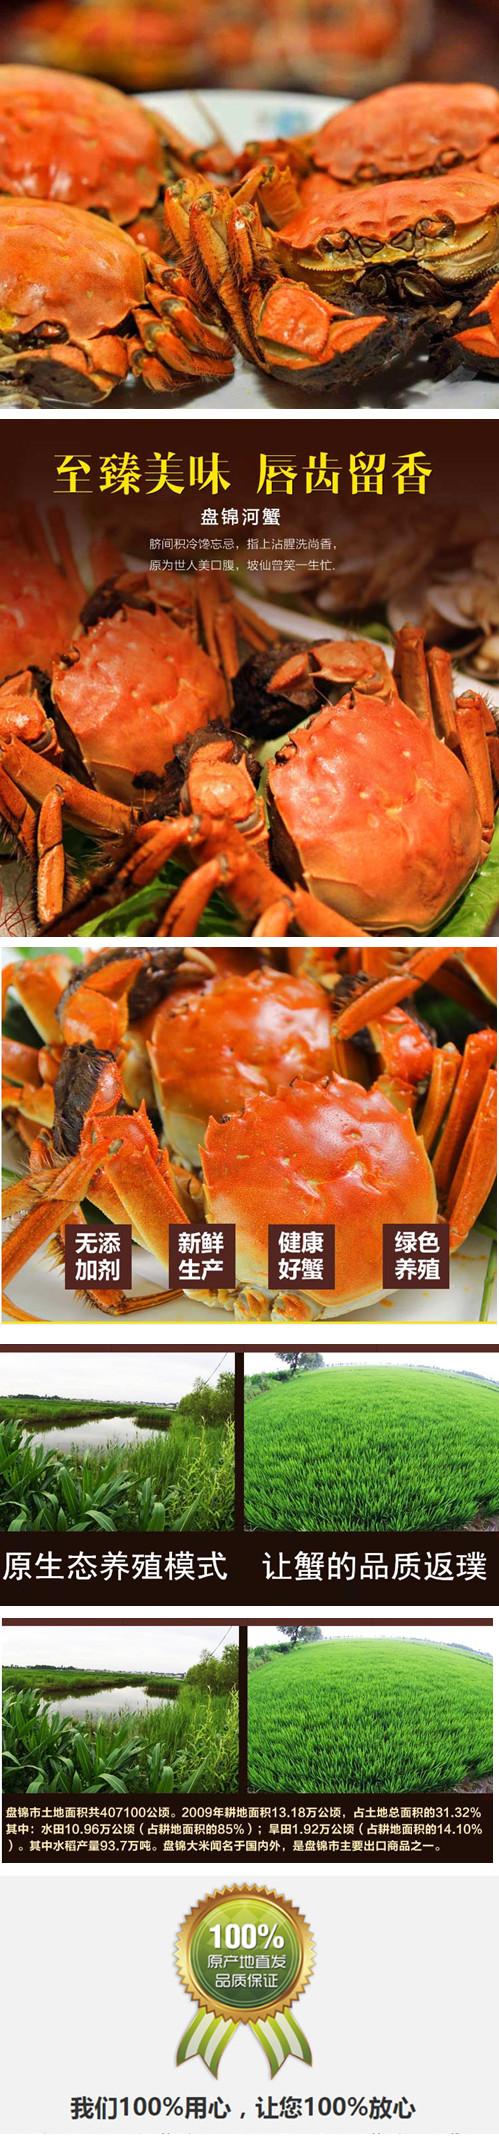 盤錦河蟹多少錢